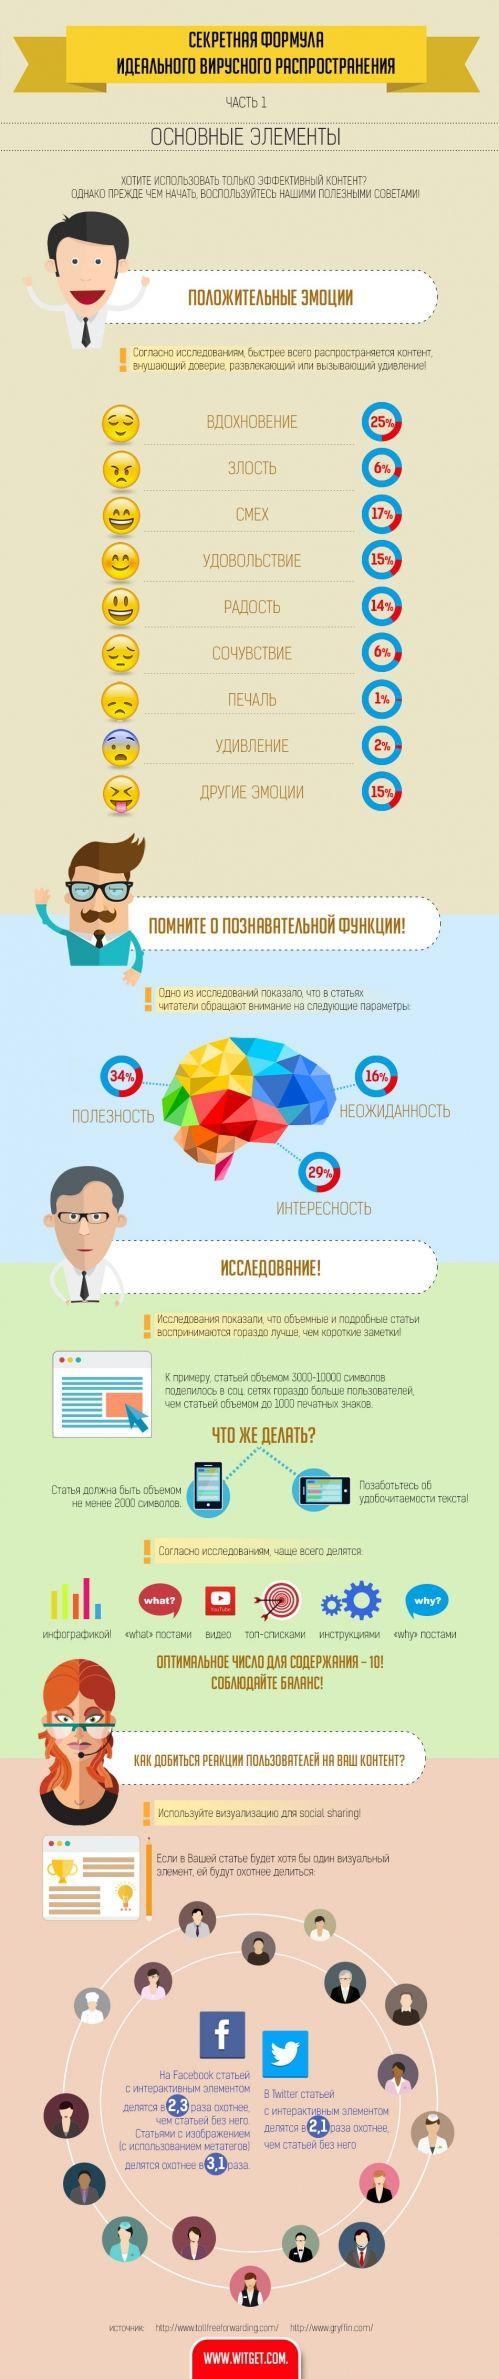 Инфографика: Как повысить виральность в соцсетях